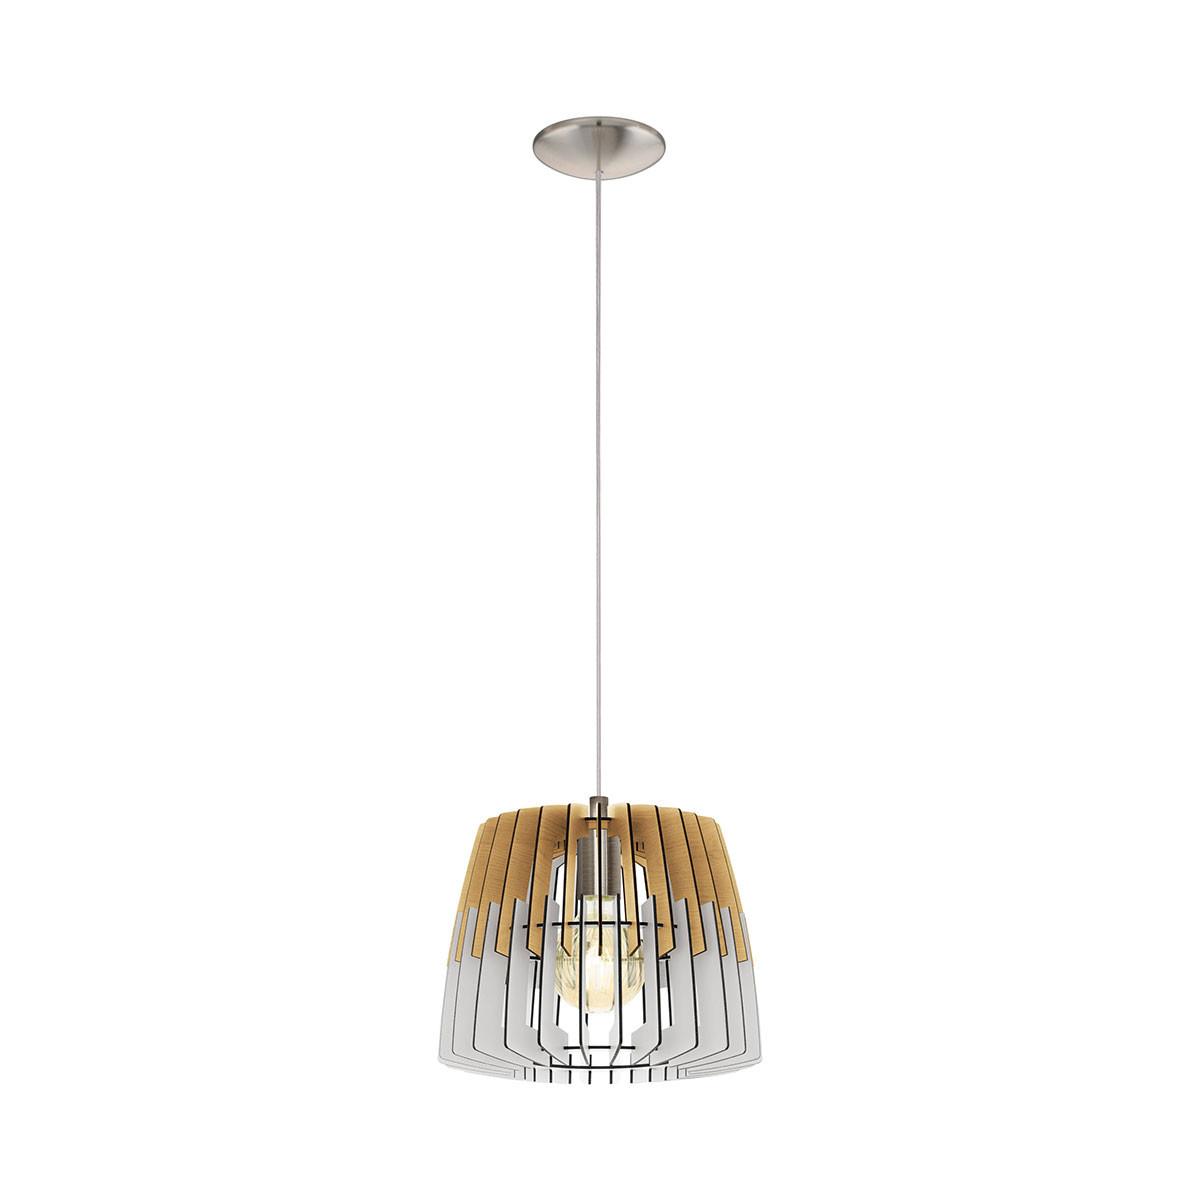 Φωτιστικό Οροφής Μονόφωτο Eglo Artana 32825